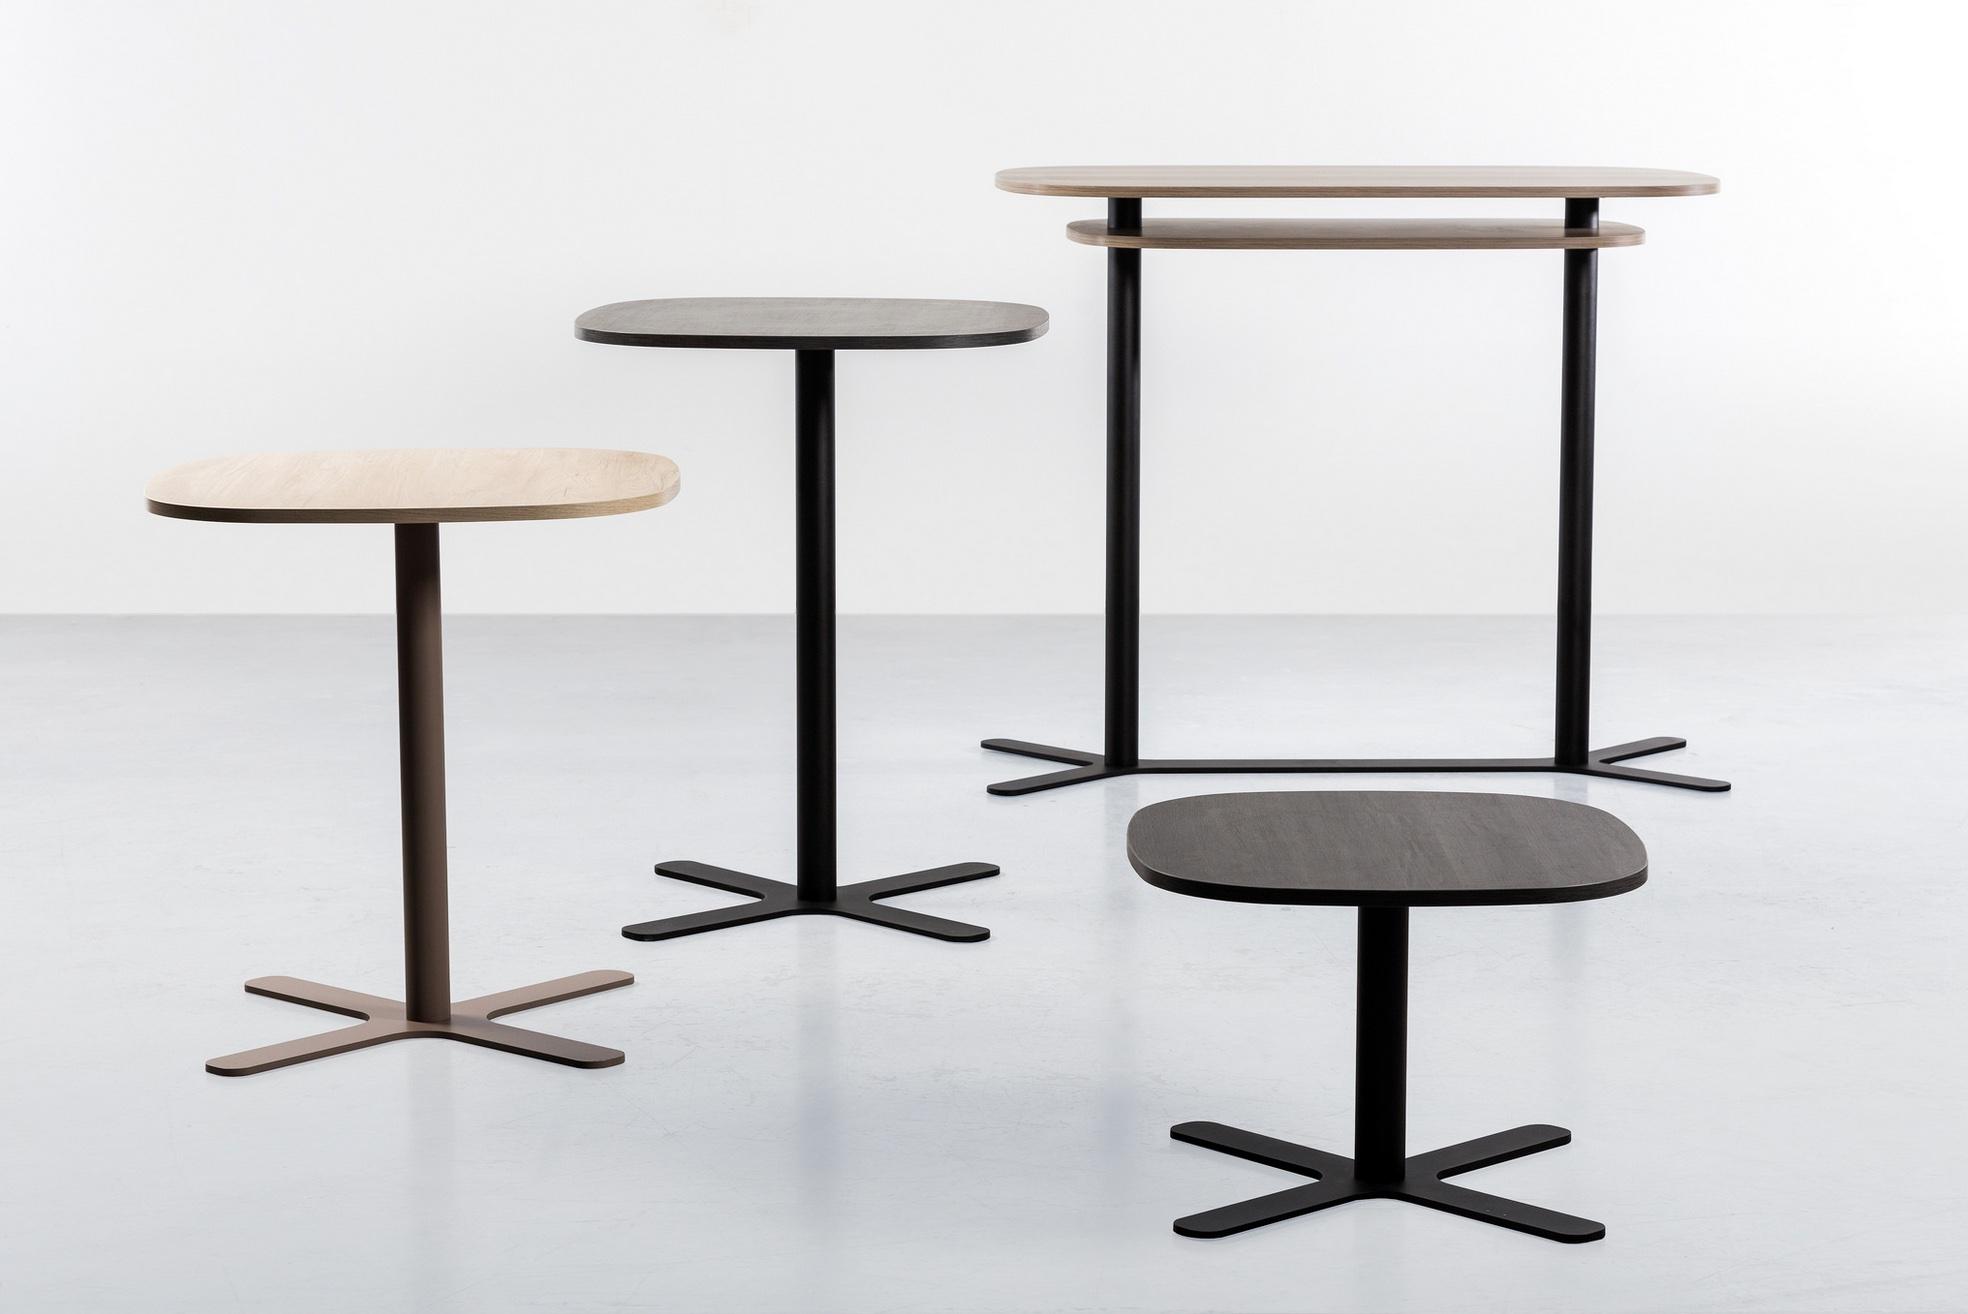 Gune table